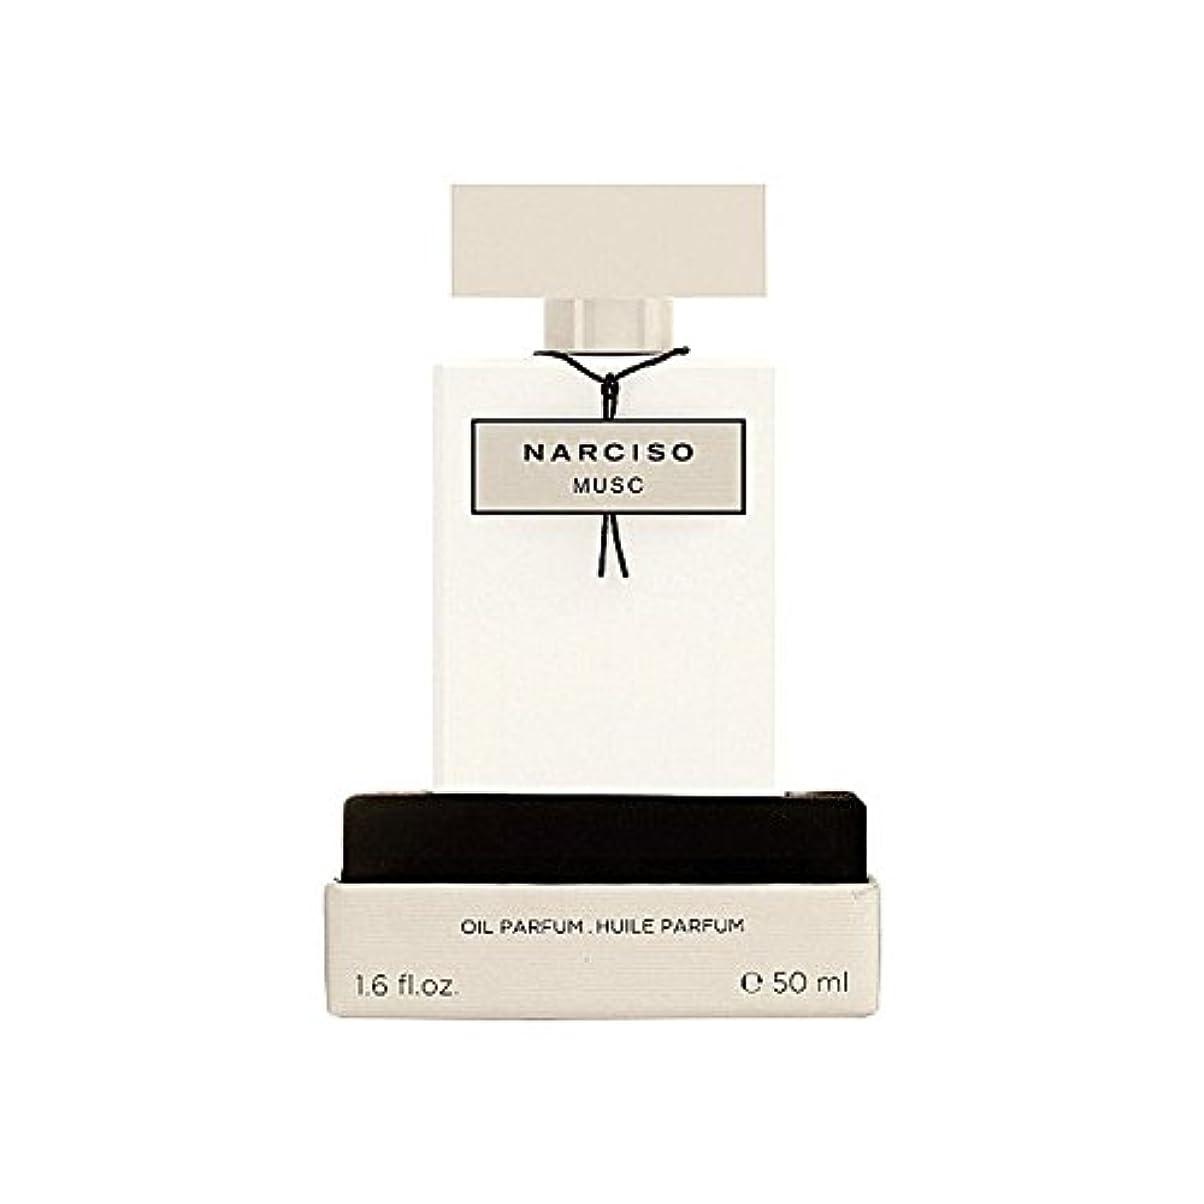 ビット便利さアドバイスナルシソ?ロドリゲスナルシソオイル50ミリリットル x2 - Narciso Rodriguez Narciso Musc Oil 50ml (Pack of 2) [並行輸入品]